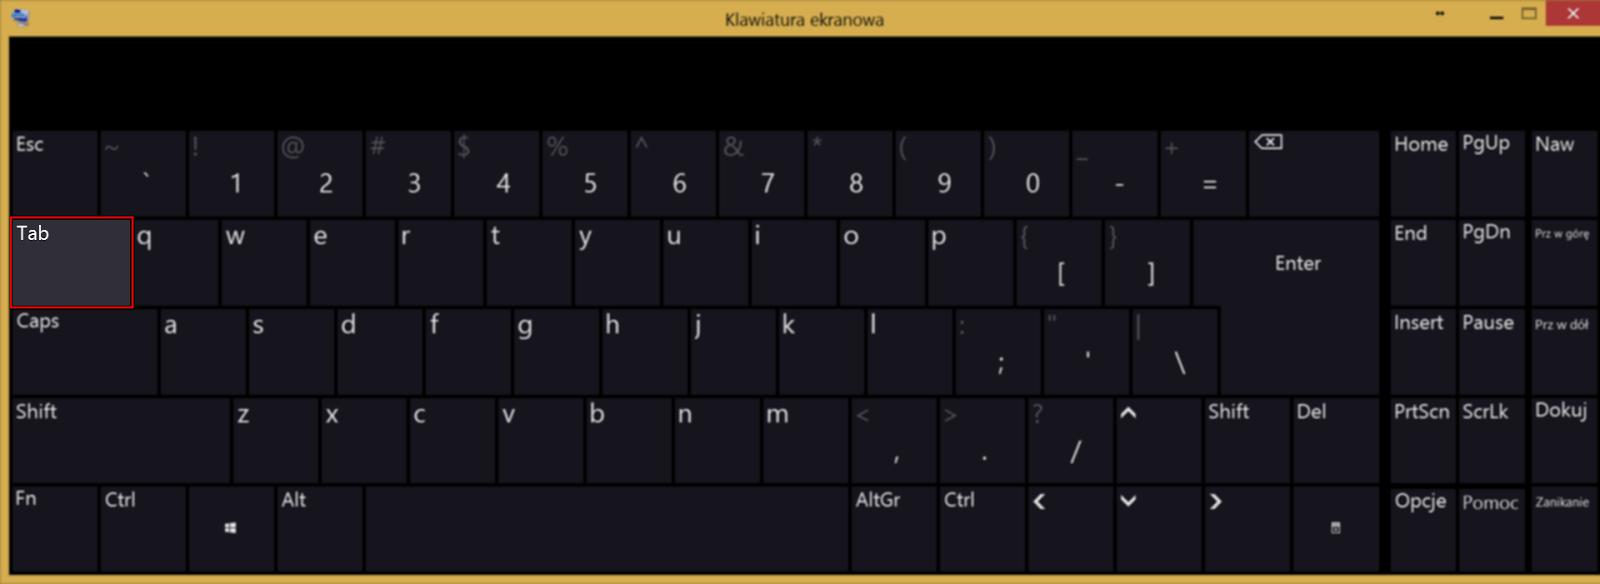 Położenie klawisza tabulator na klawiaturze